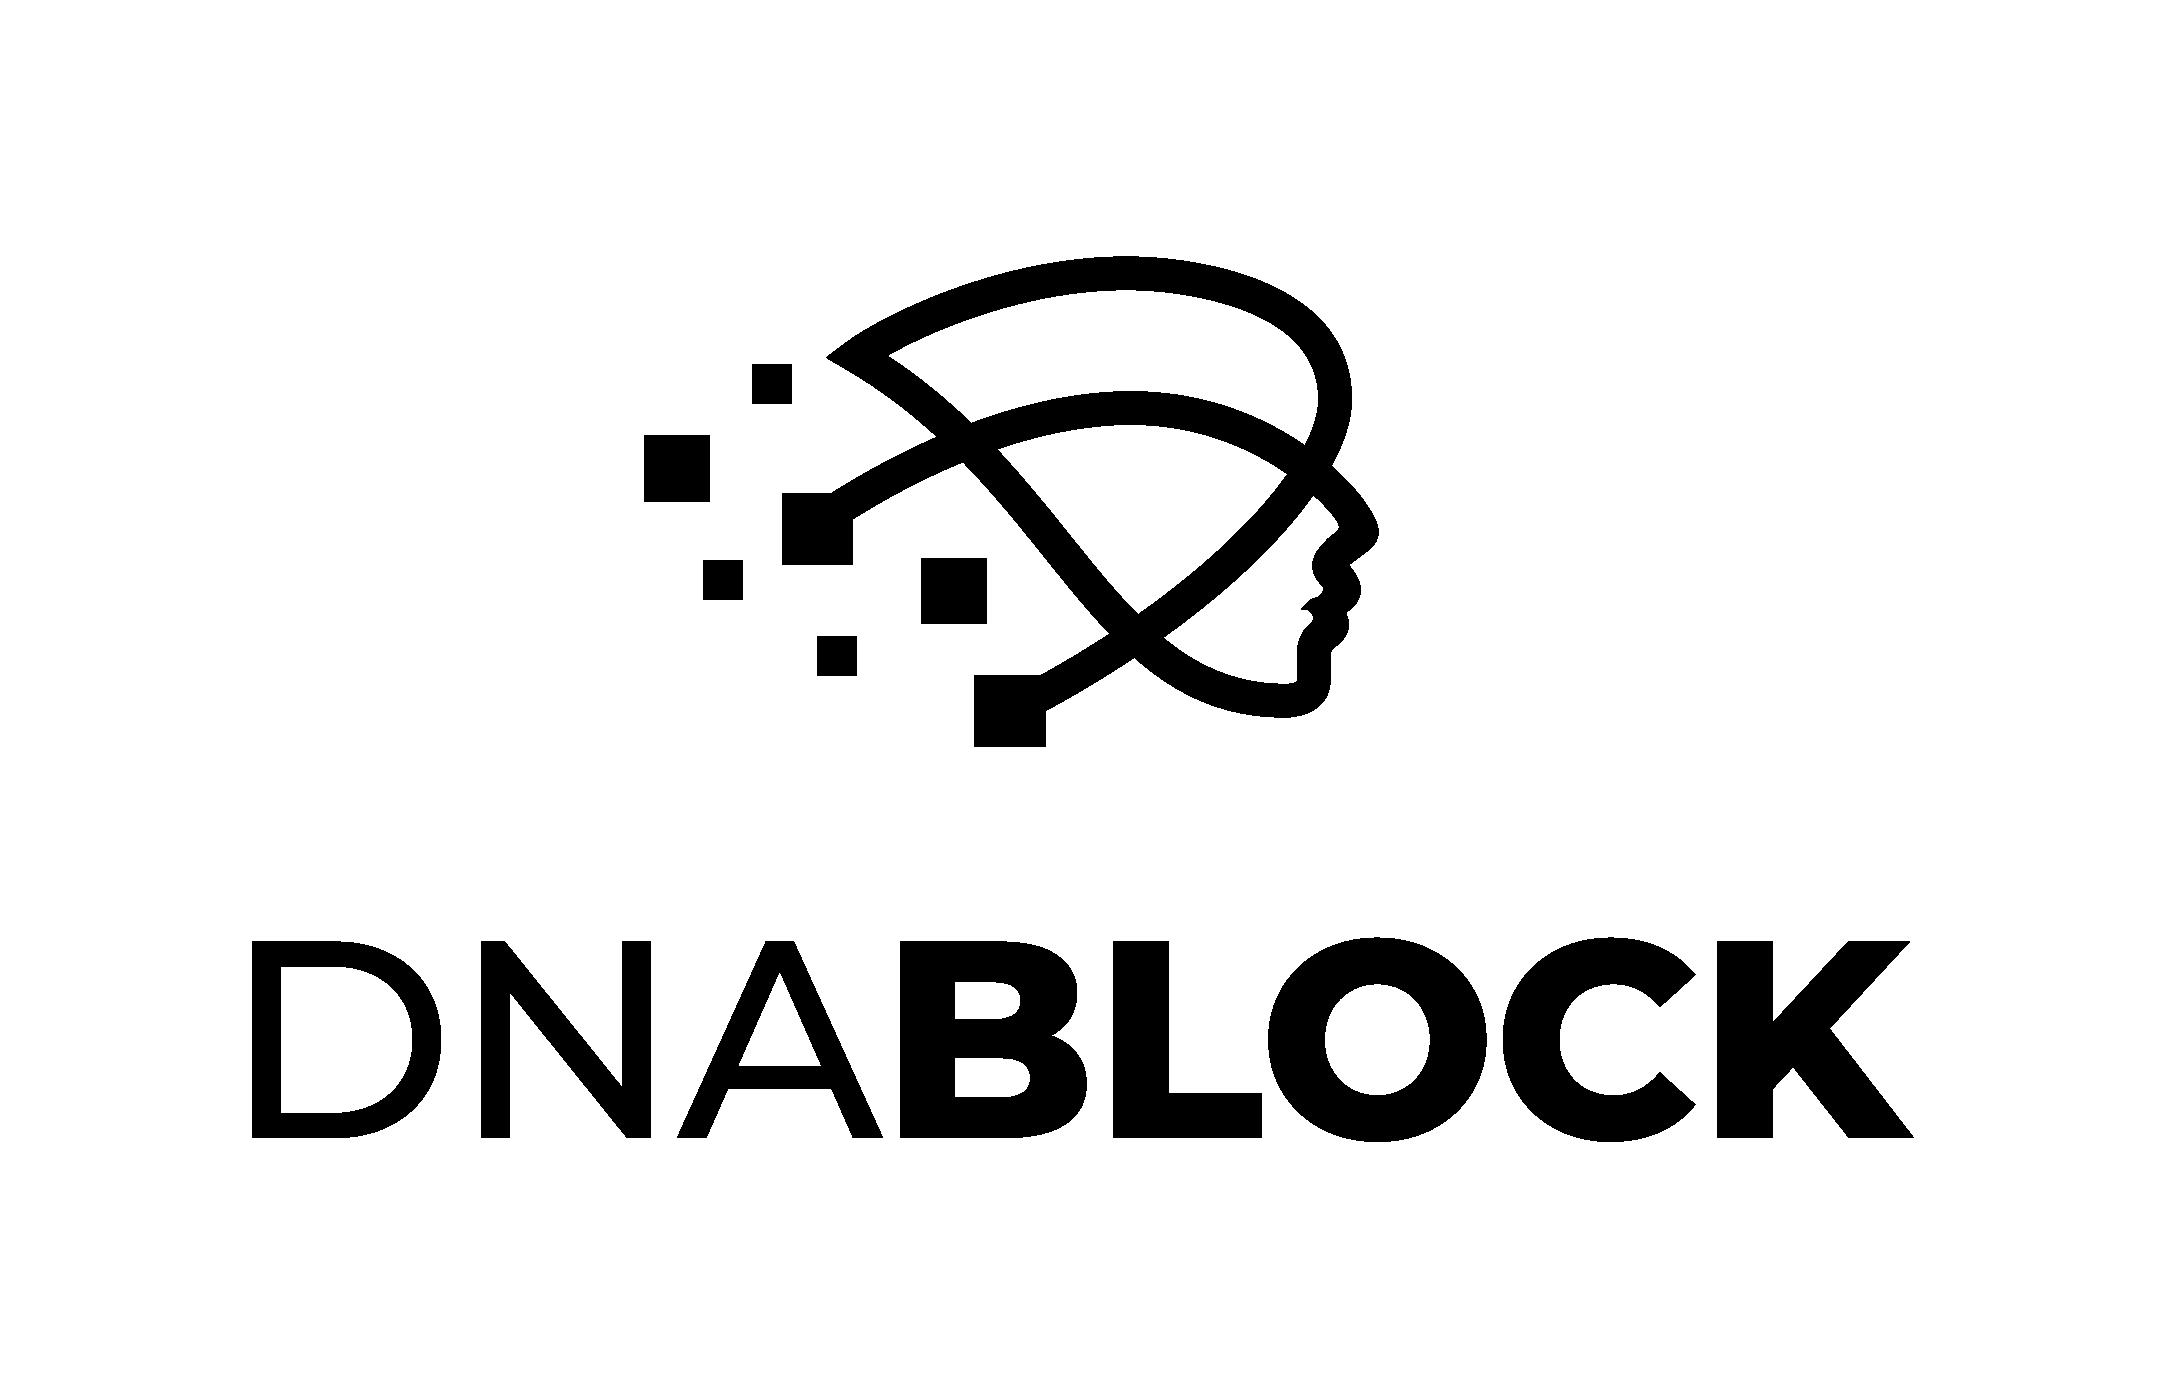 DNABLOCK